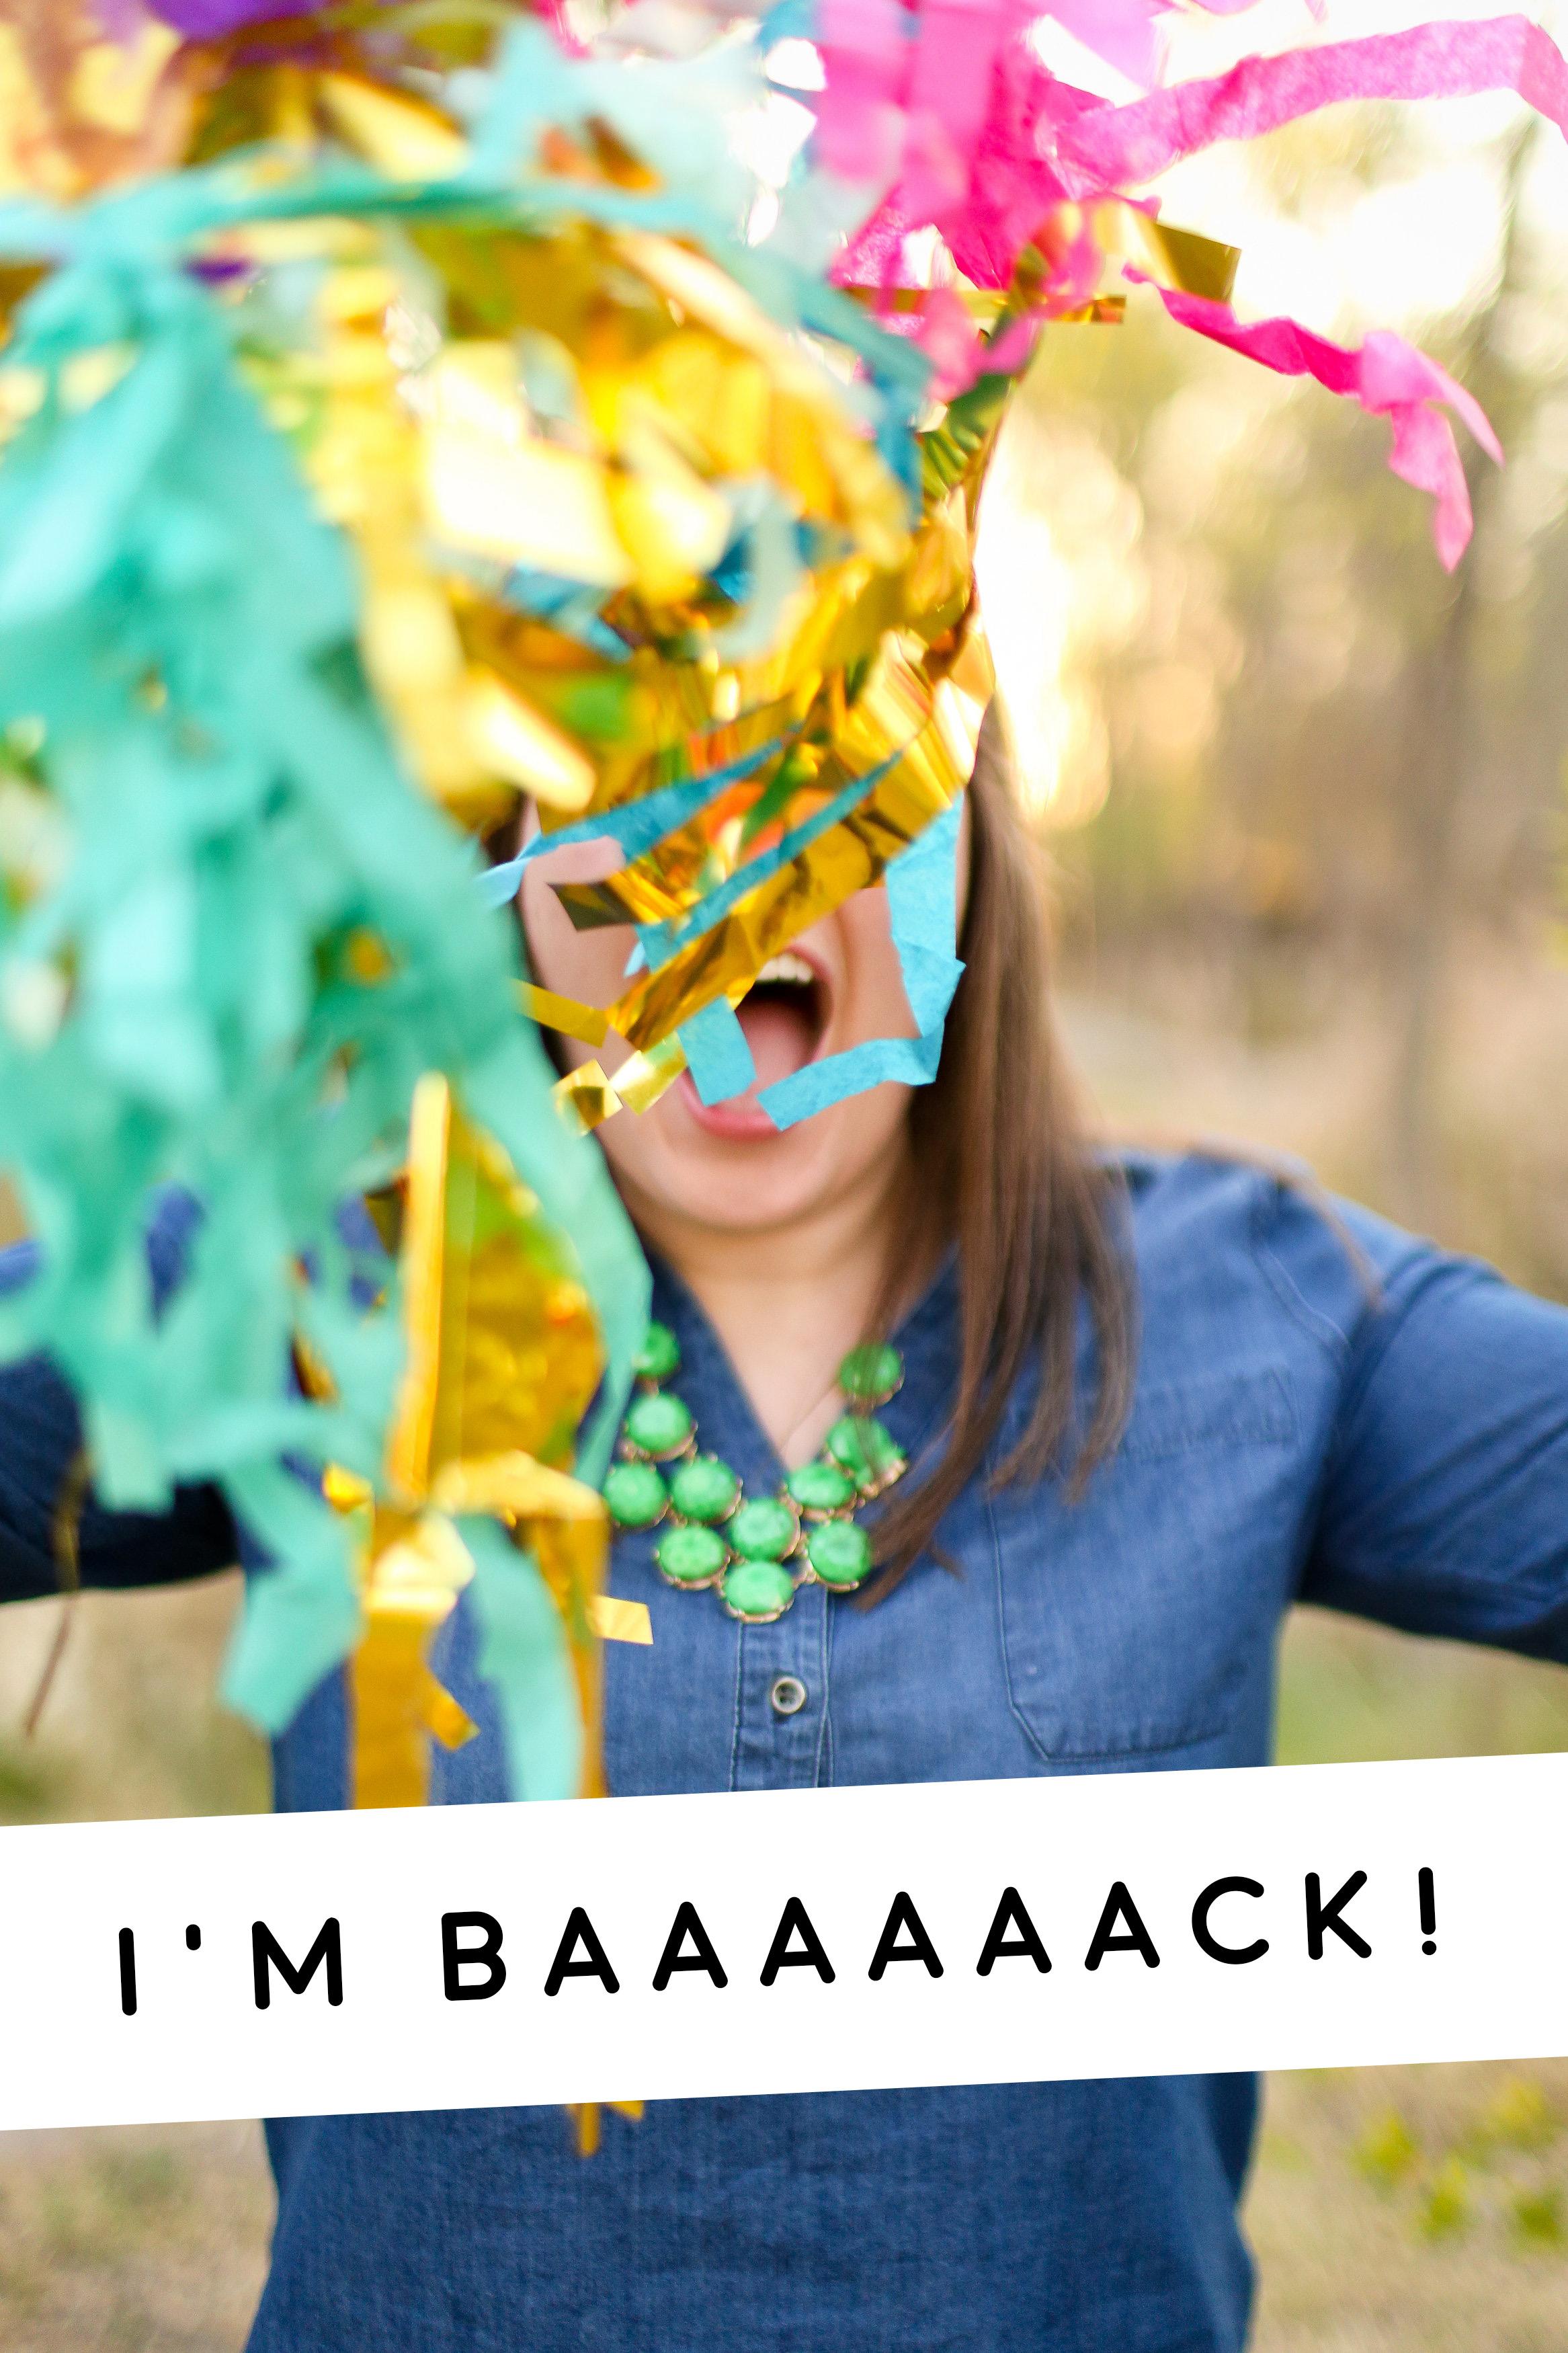 Ashley Joanna | I'm back!